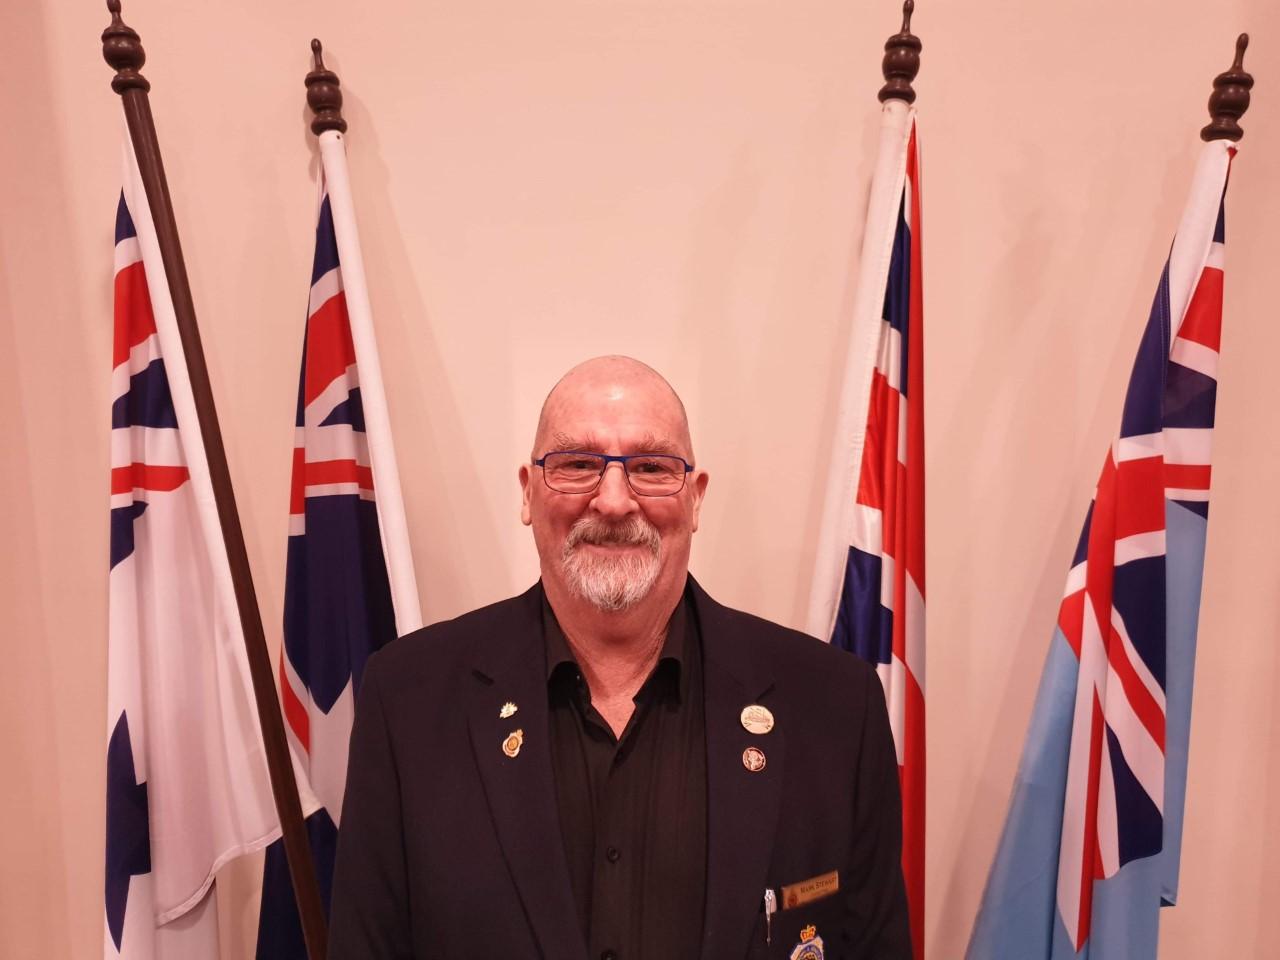 Mr Mark Stewart